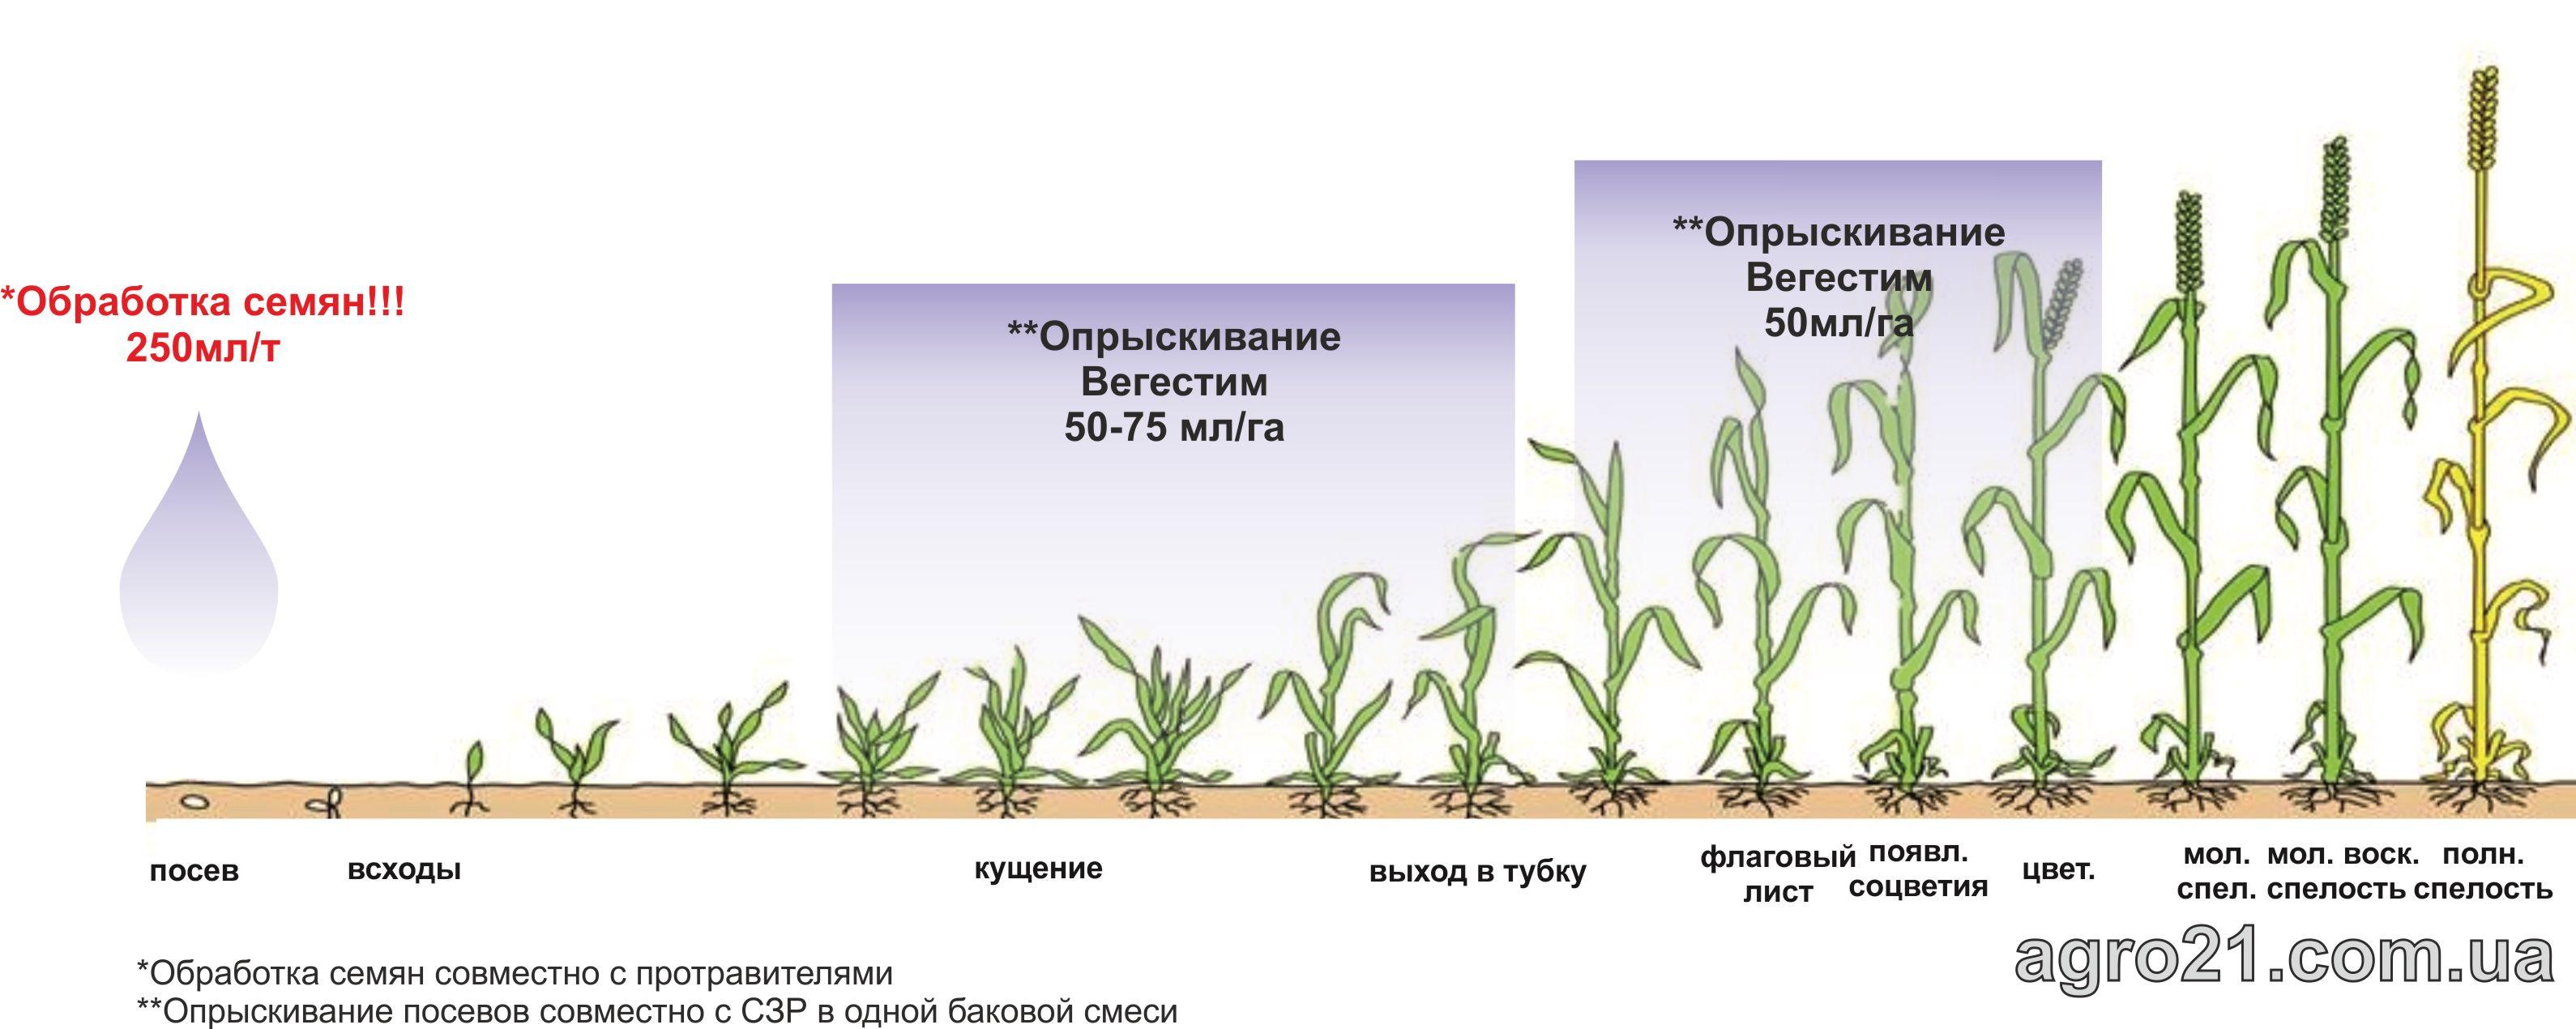 Вегестим. Схема применения стимулятора роста растений на зерновых.